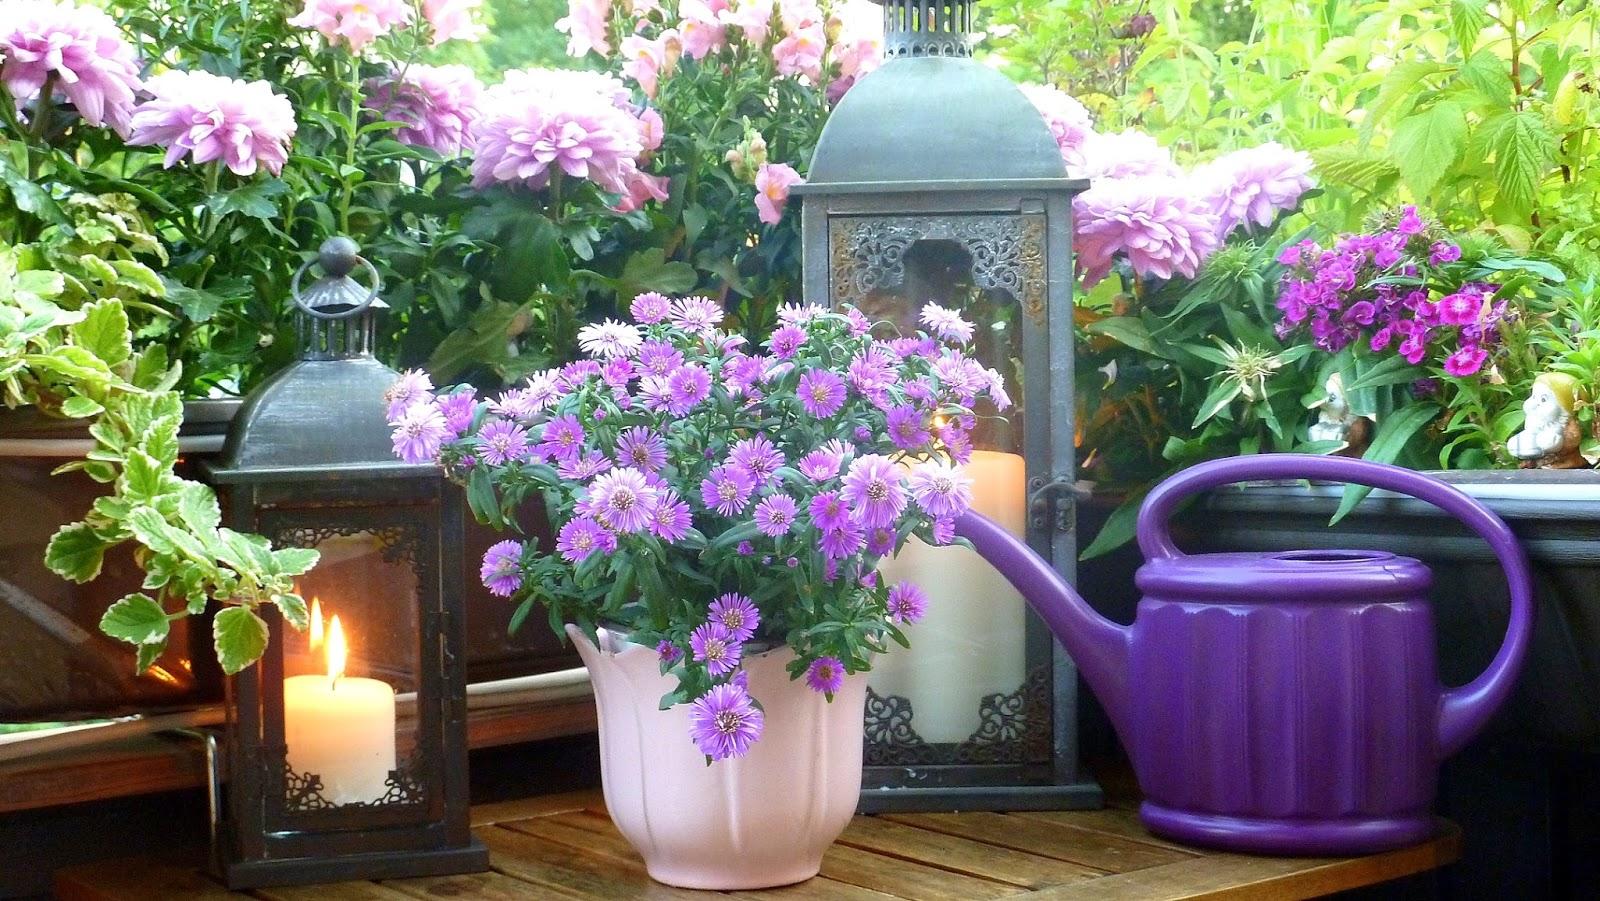 Sul terrazzo, piantando fiori e curando me stessa • Viaggi, Luoghi e ...